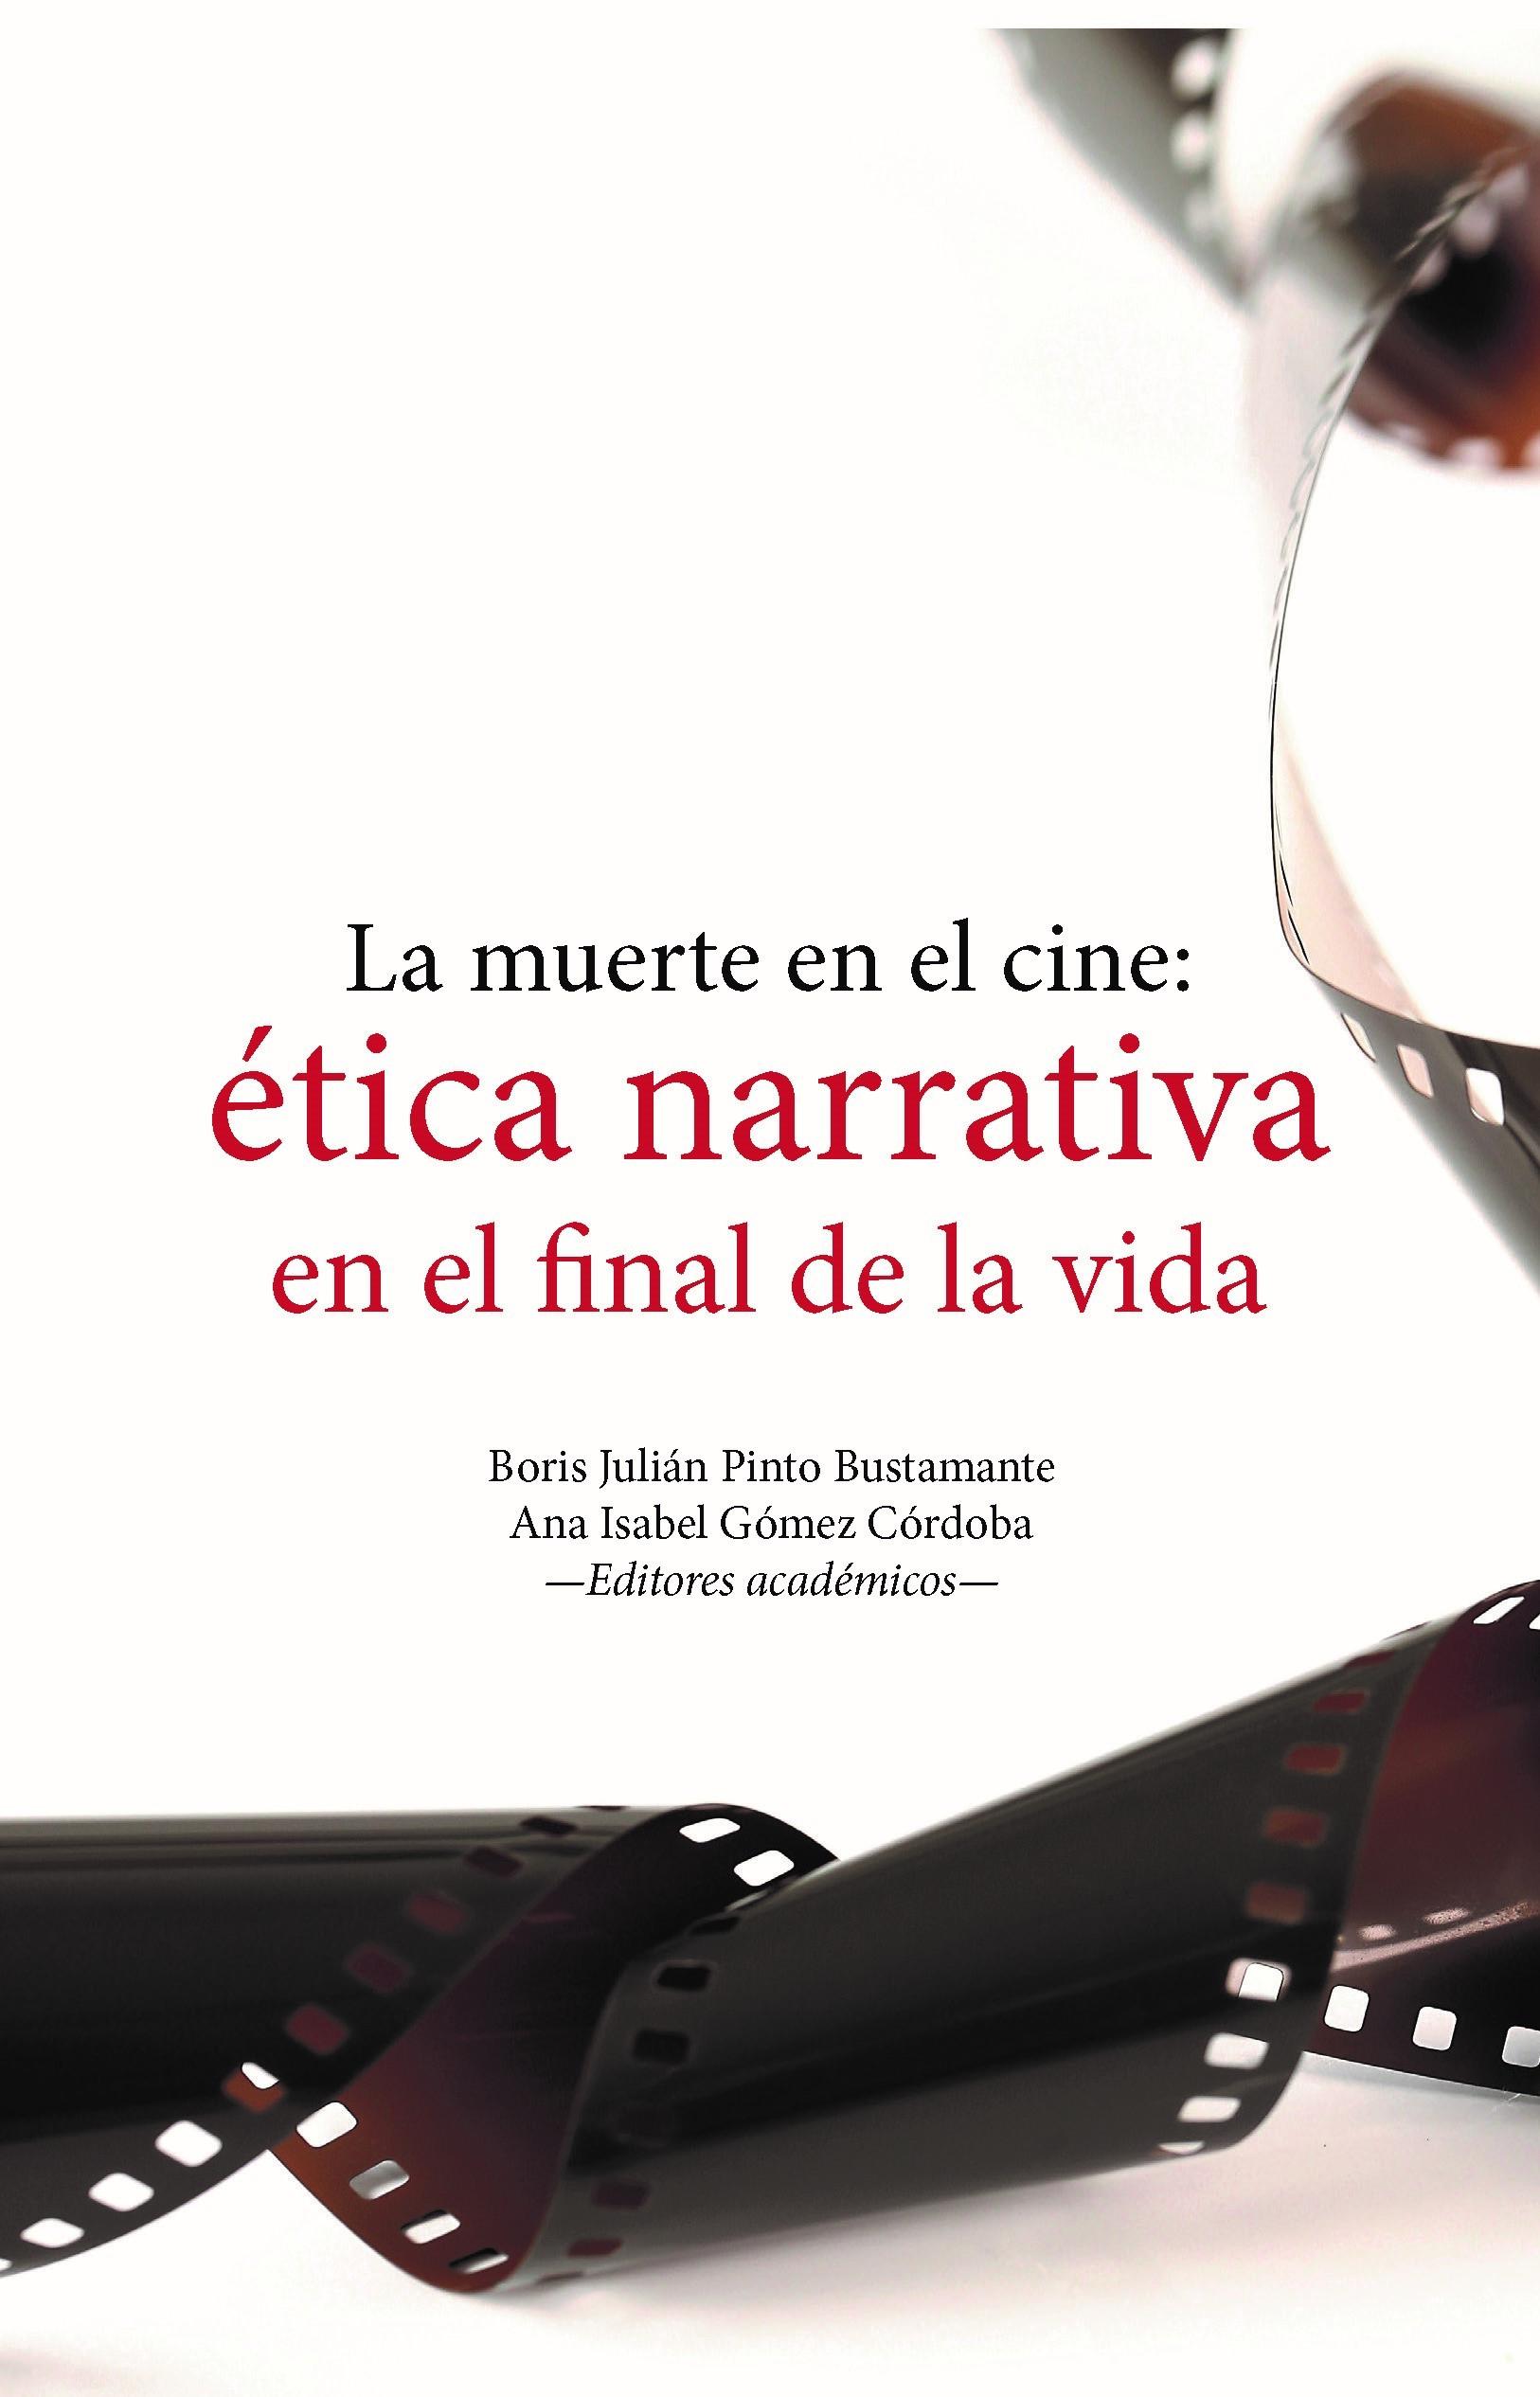 La muerte en el cine: ética narrativa en el final de la vida